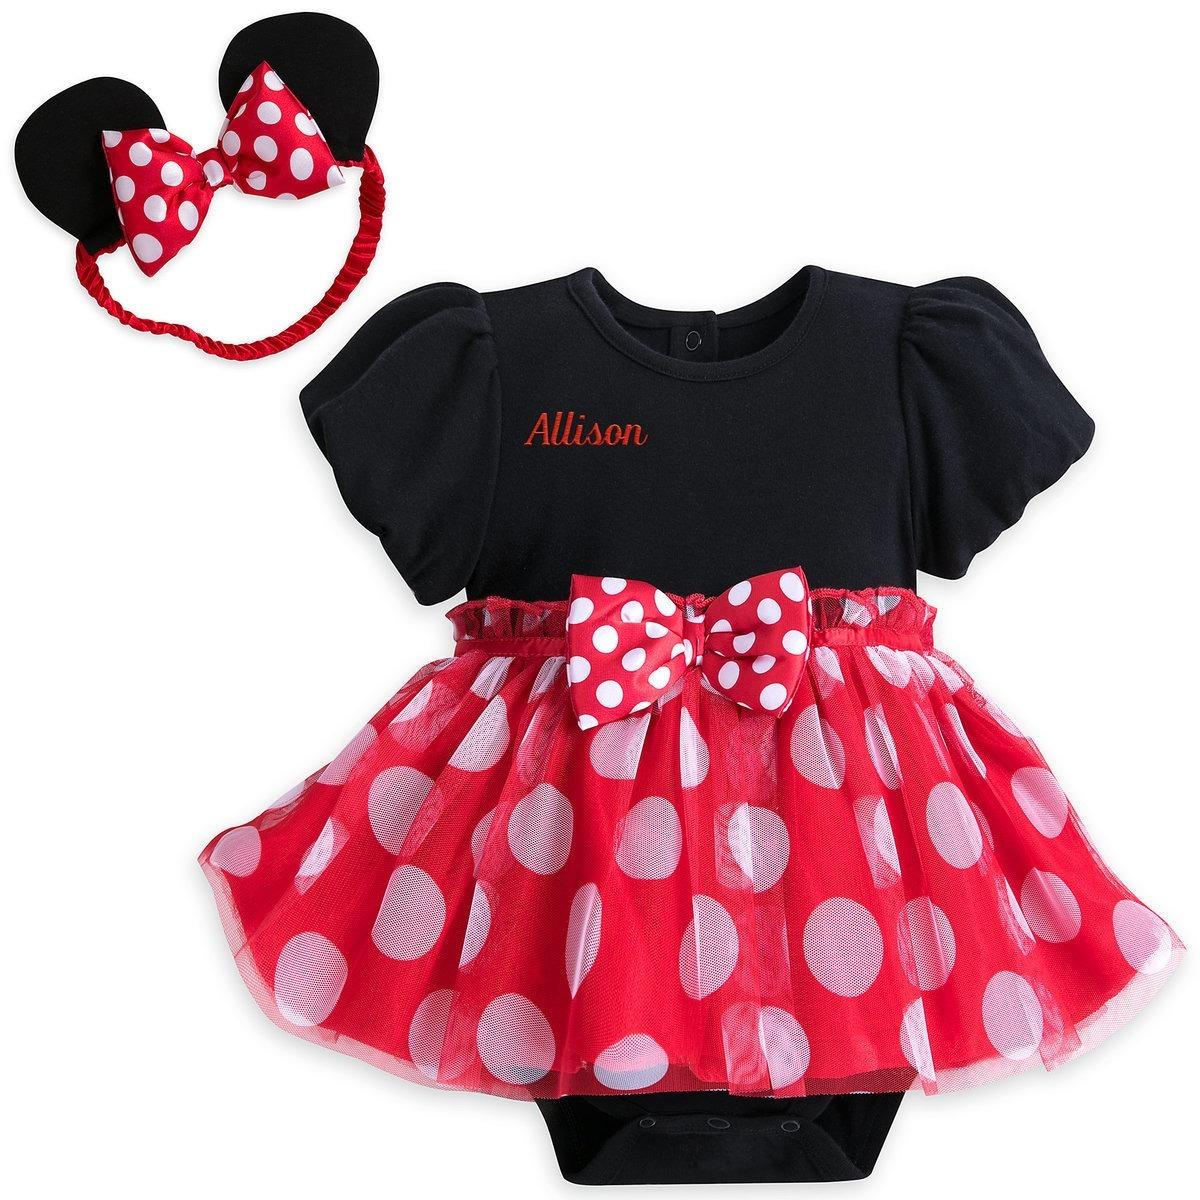 e79a187224d disfraz vestido minnie mouse disney store bebes 12m. Cargando zoom.